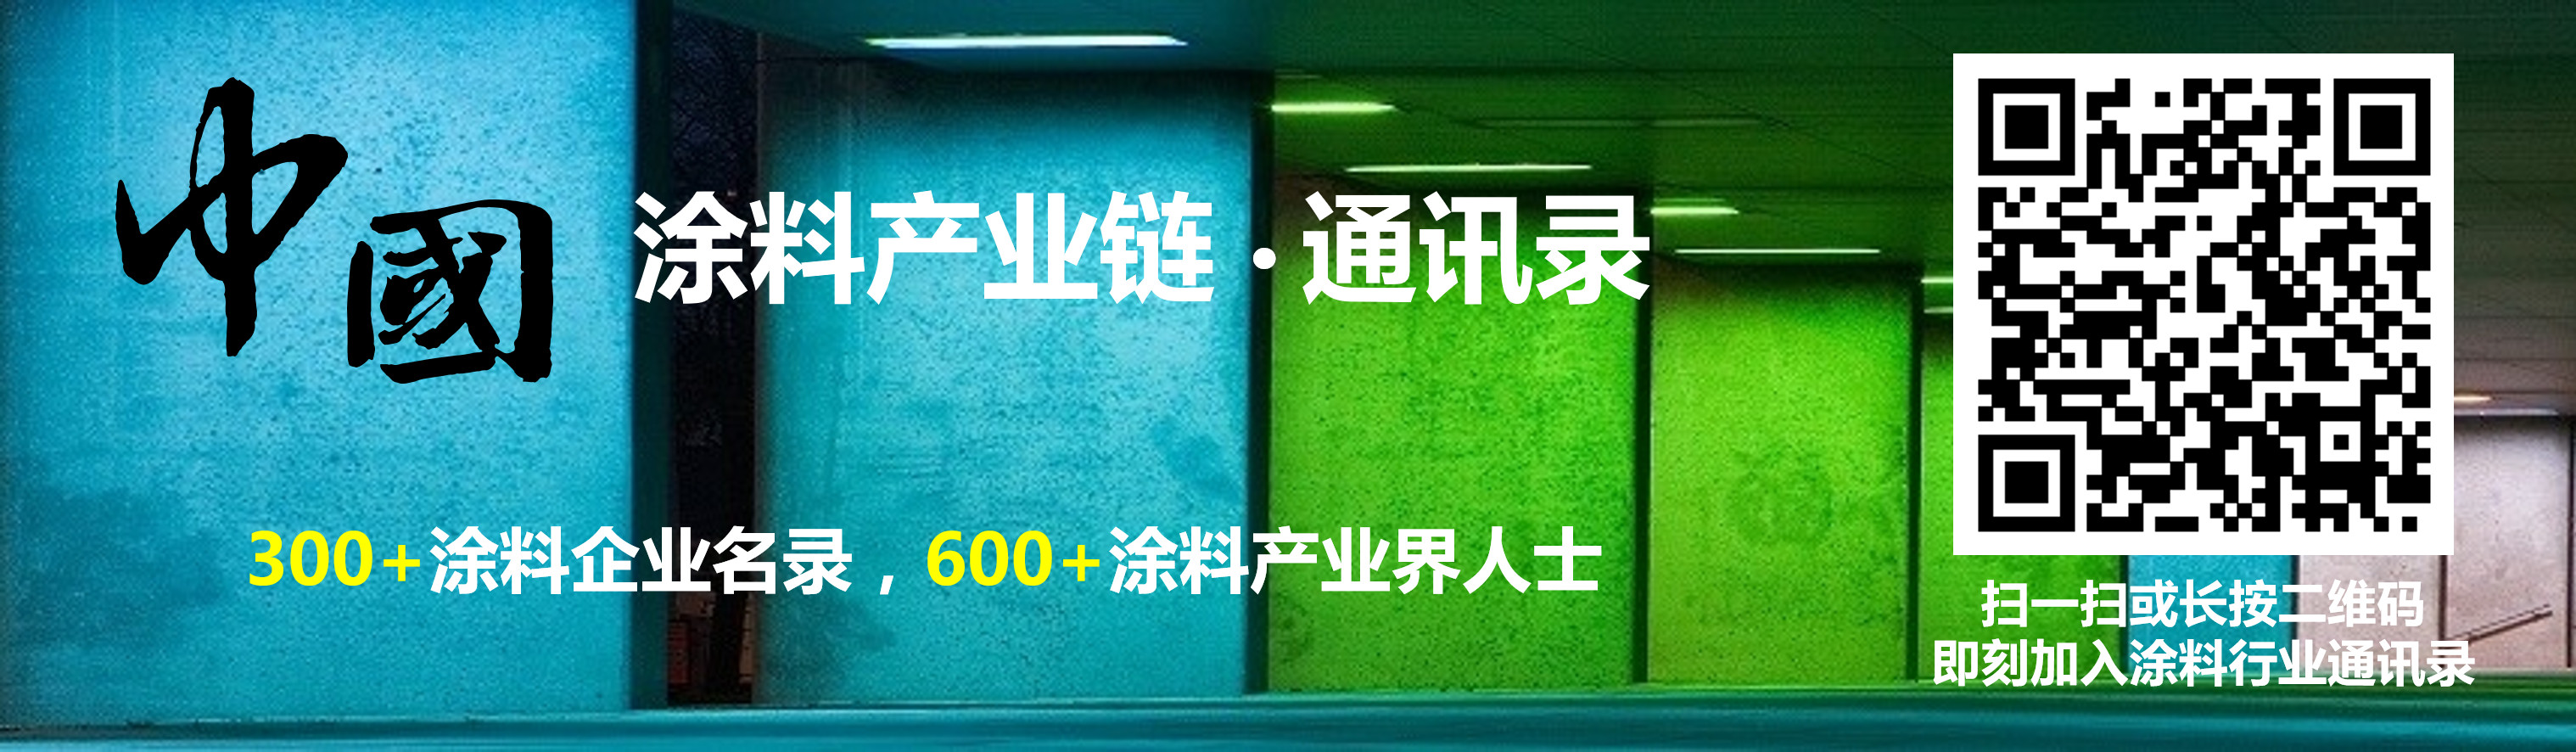 涂料產業鏈通訊錄